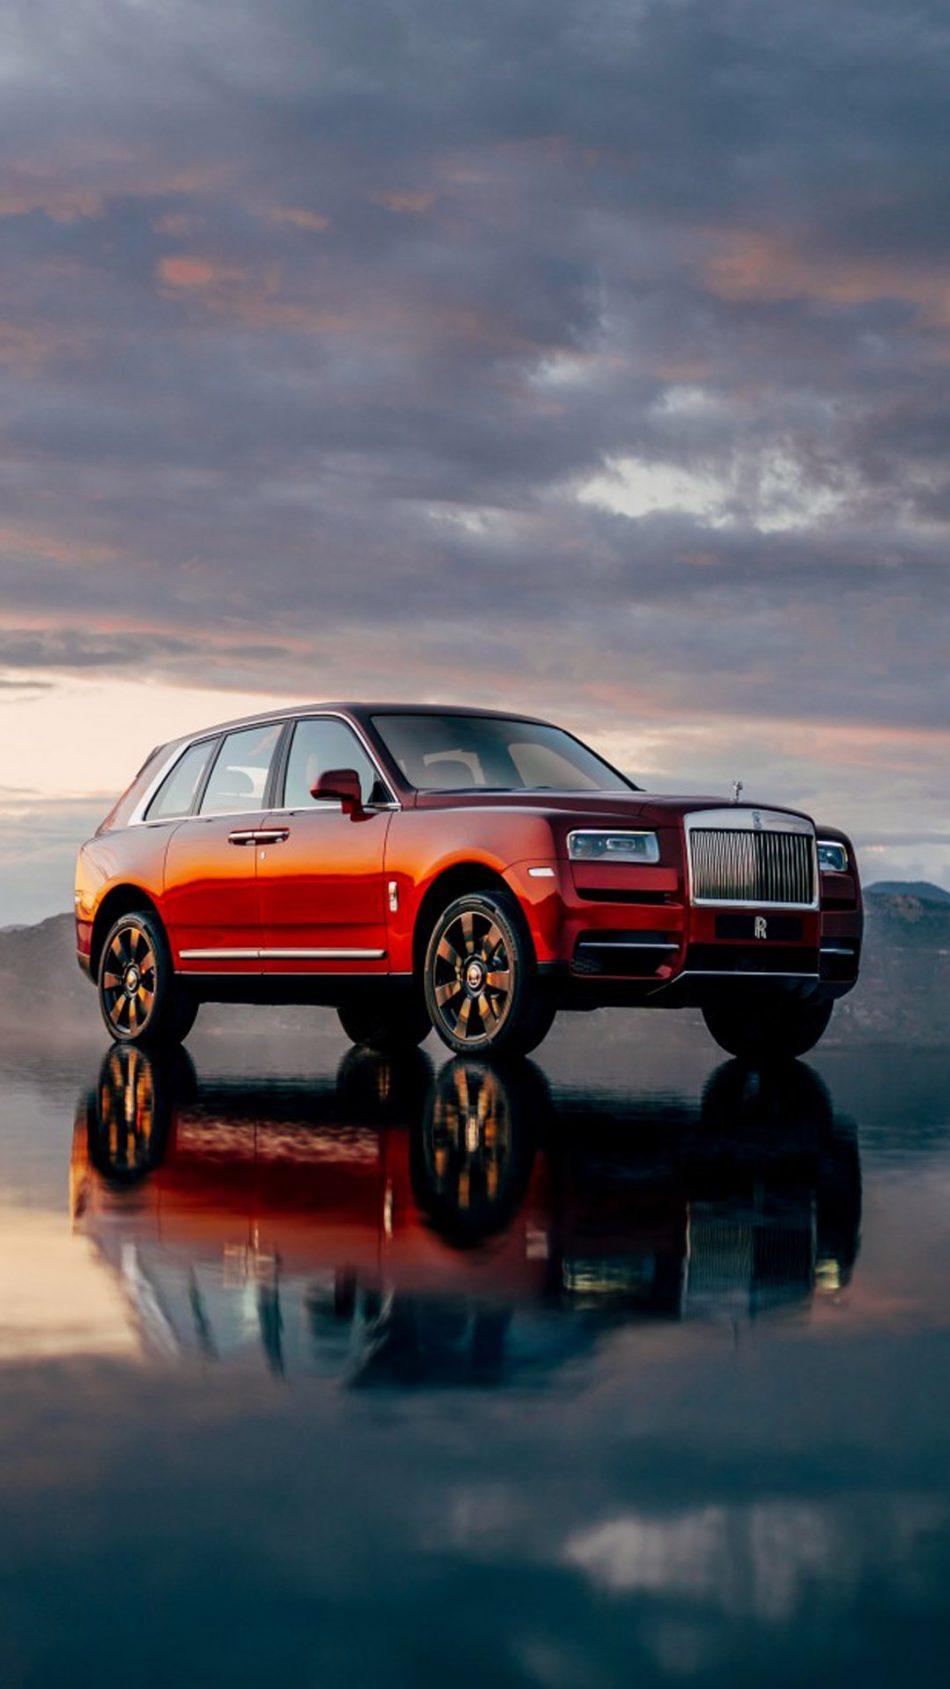 Rolls Royce Cullinan Luxury Suv HD Mobile Wallpaper